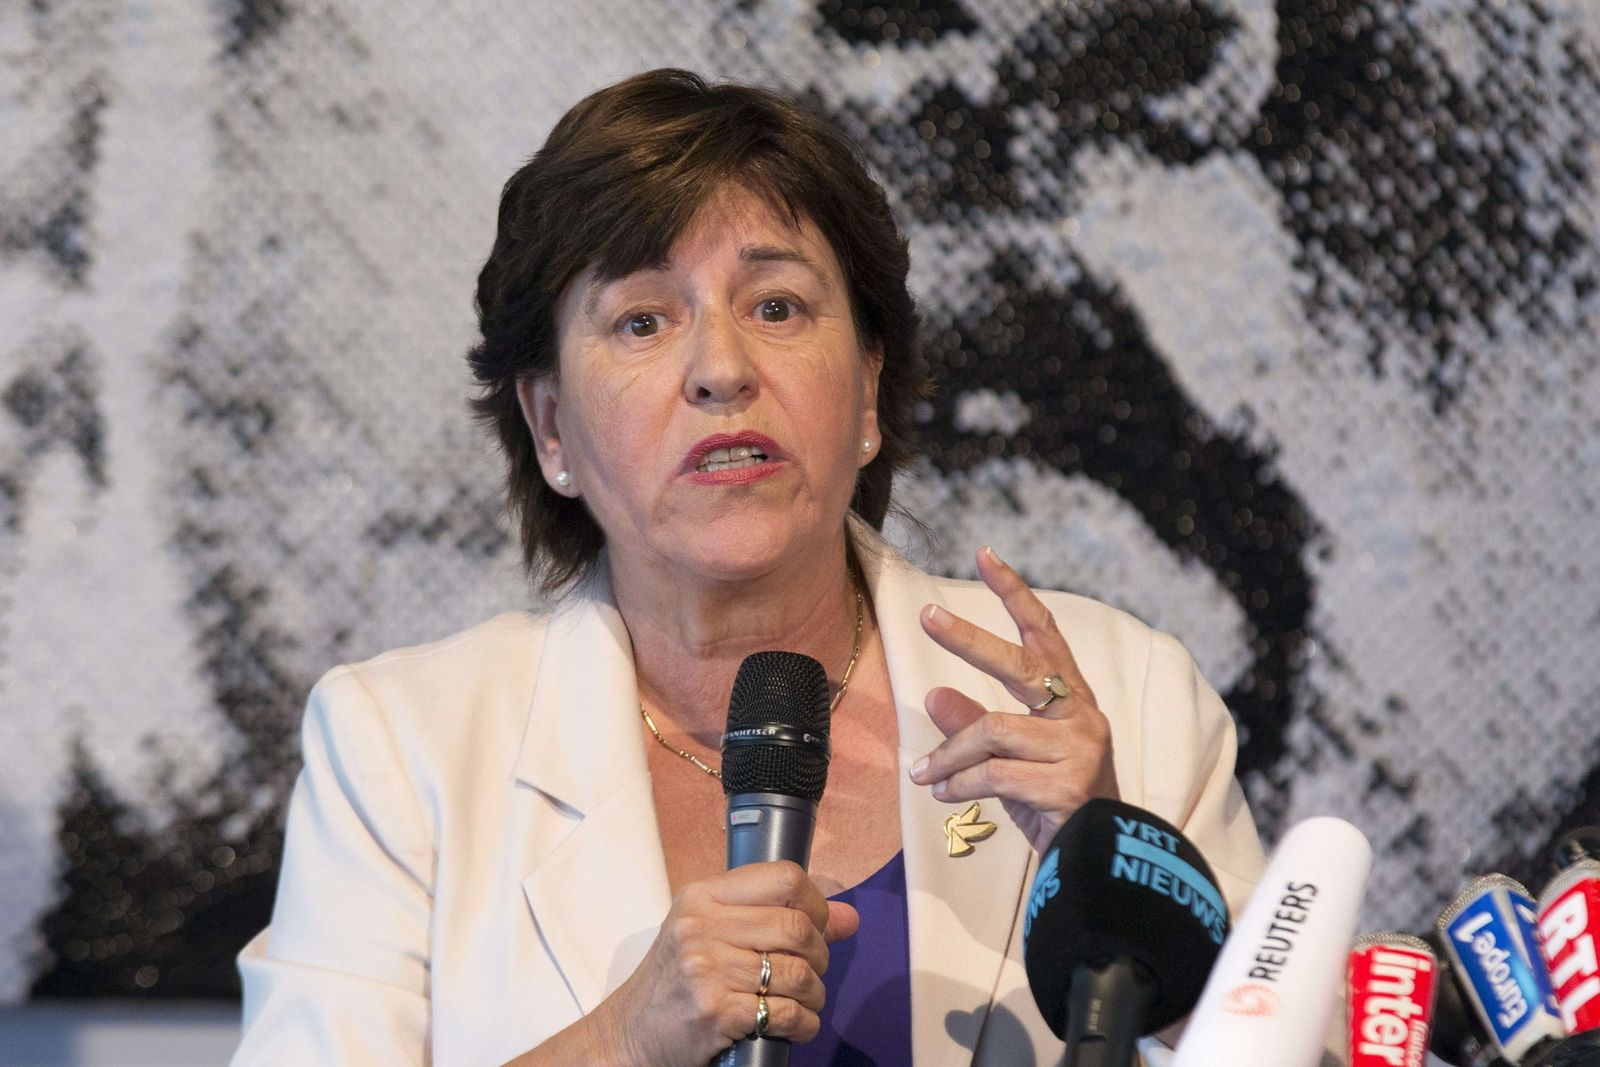 Ankie Spitzer IOC